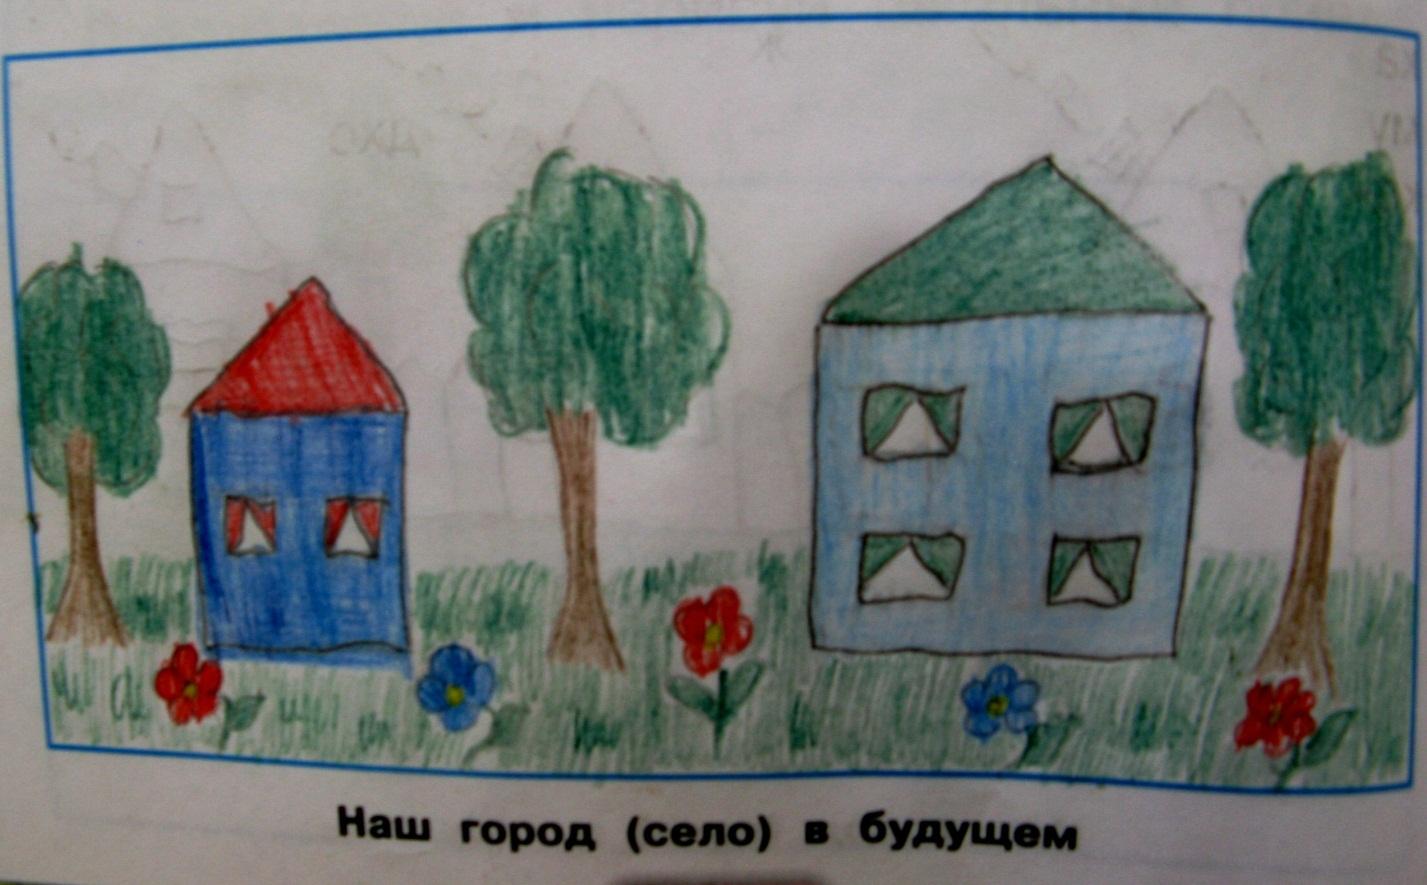 C:\Users\Samsung\Desktop\Всё для проекта\Детские работы\IMG_9353.JPG